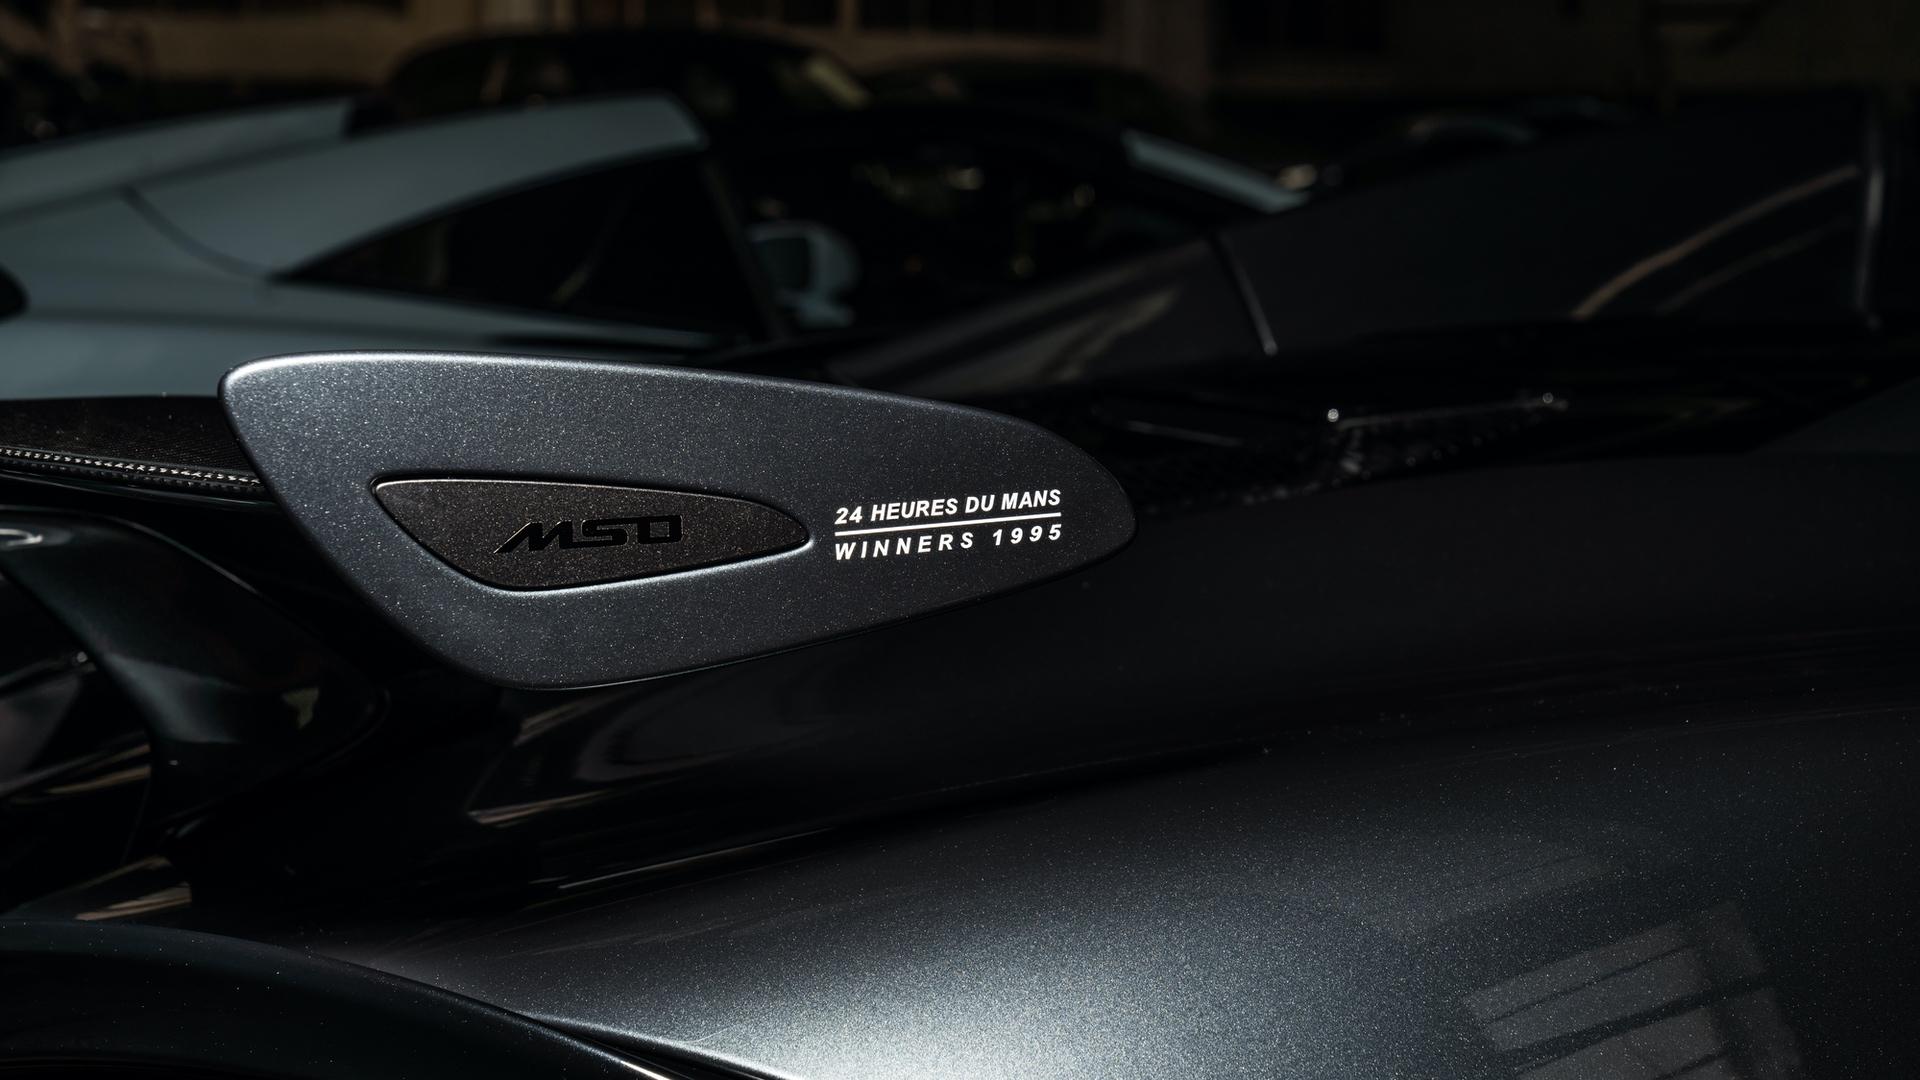 McLaren MSO RTTA 570s-8